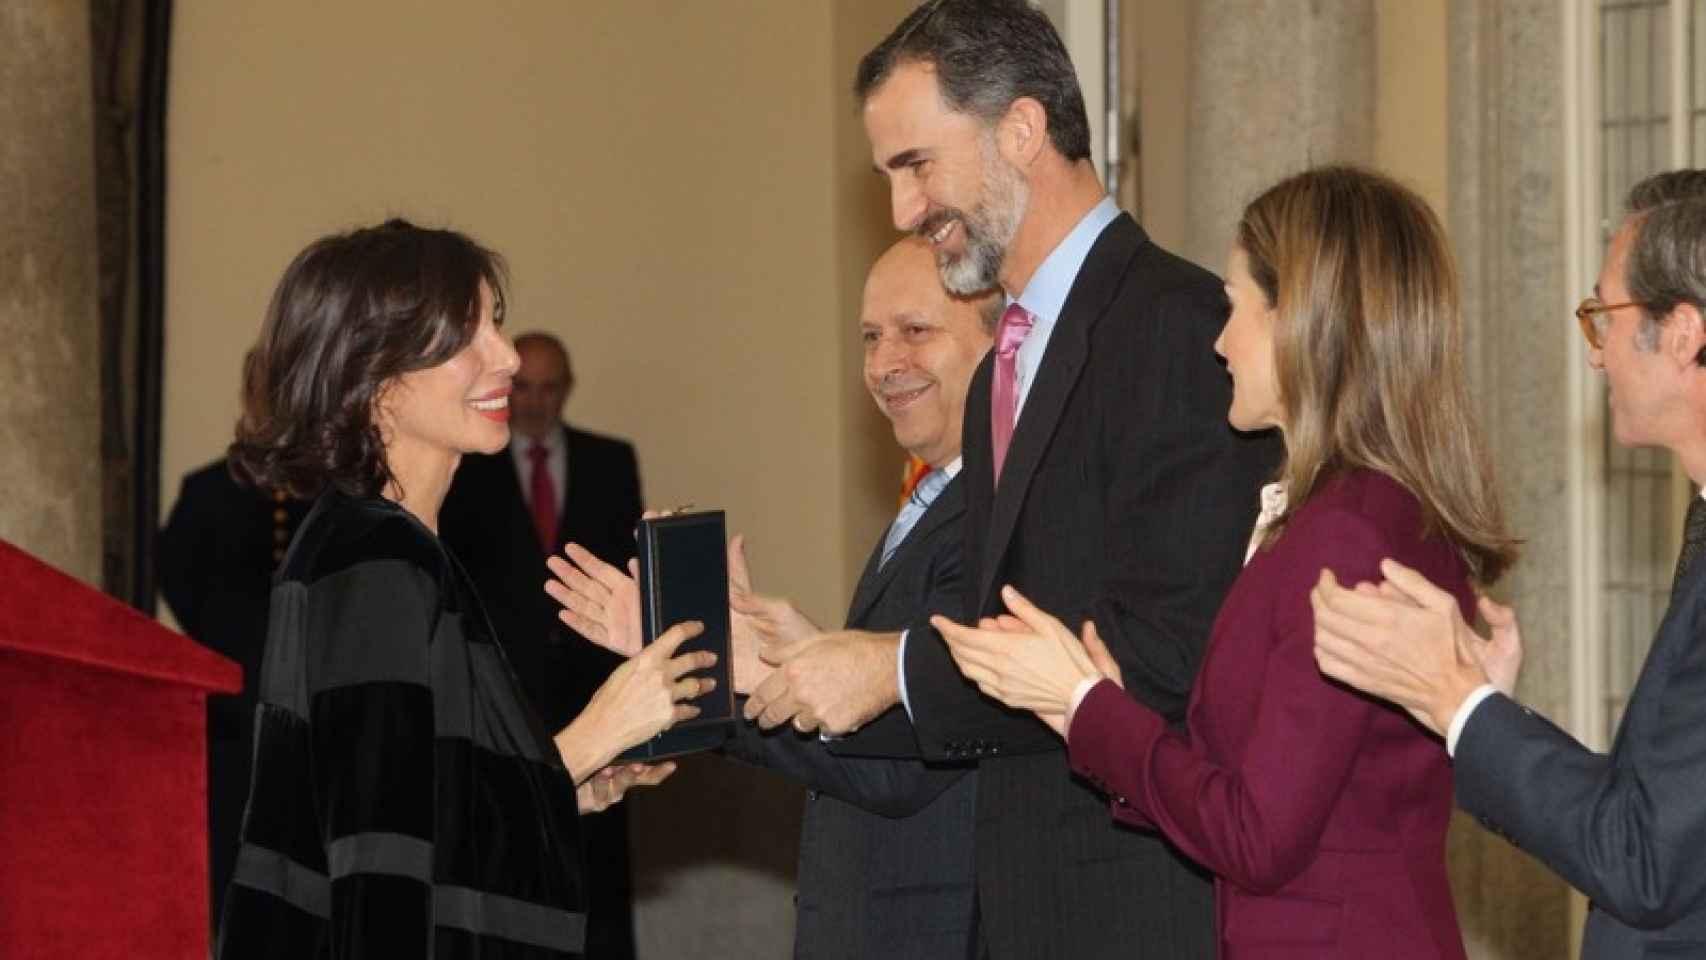 Sybilla recibiendo de manos de los Reyes la Medalla de Oro al Mérito